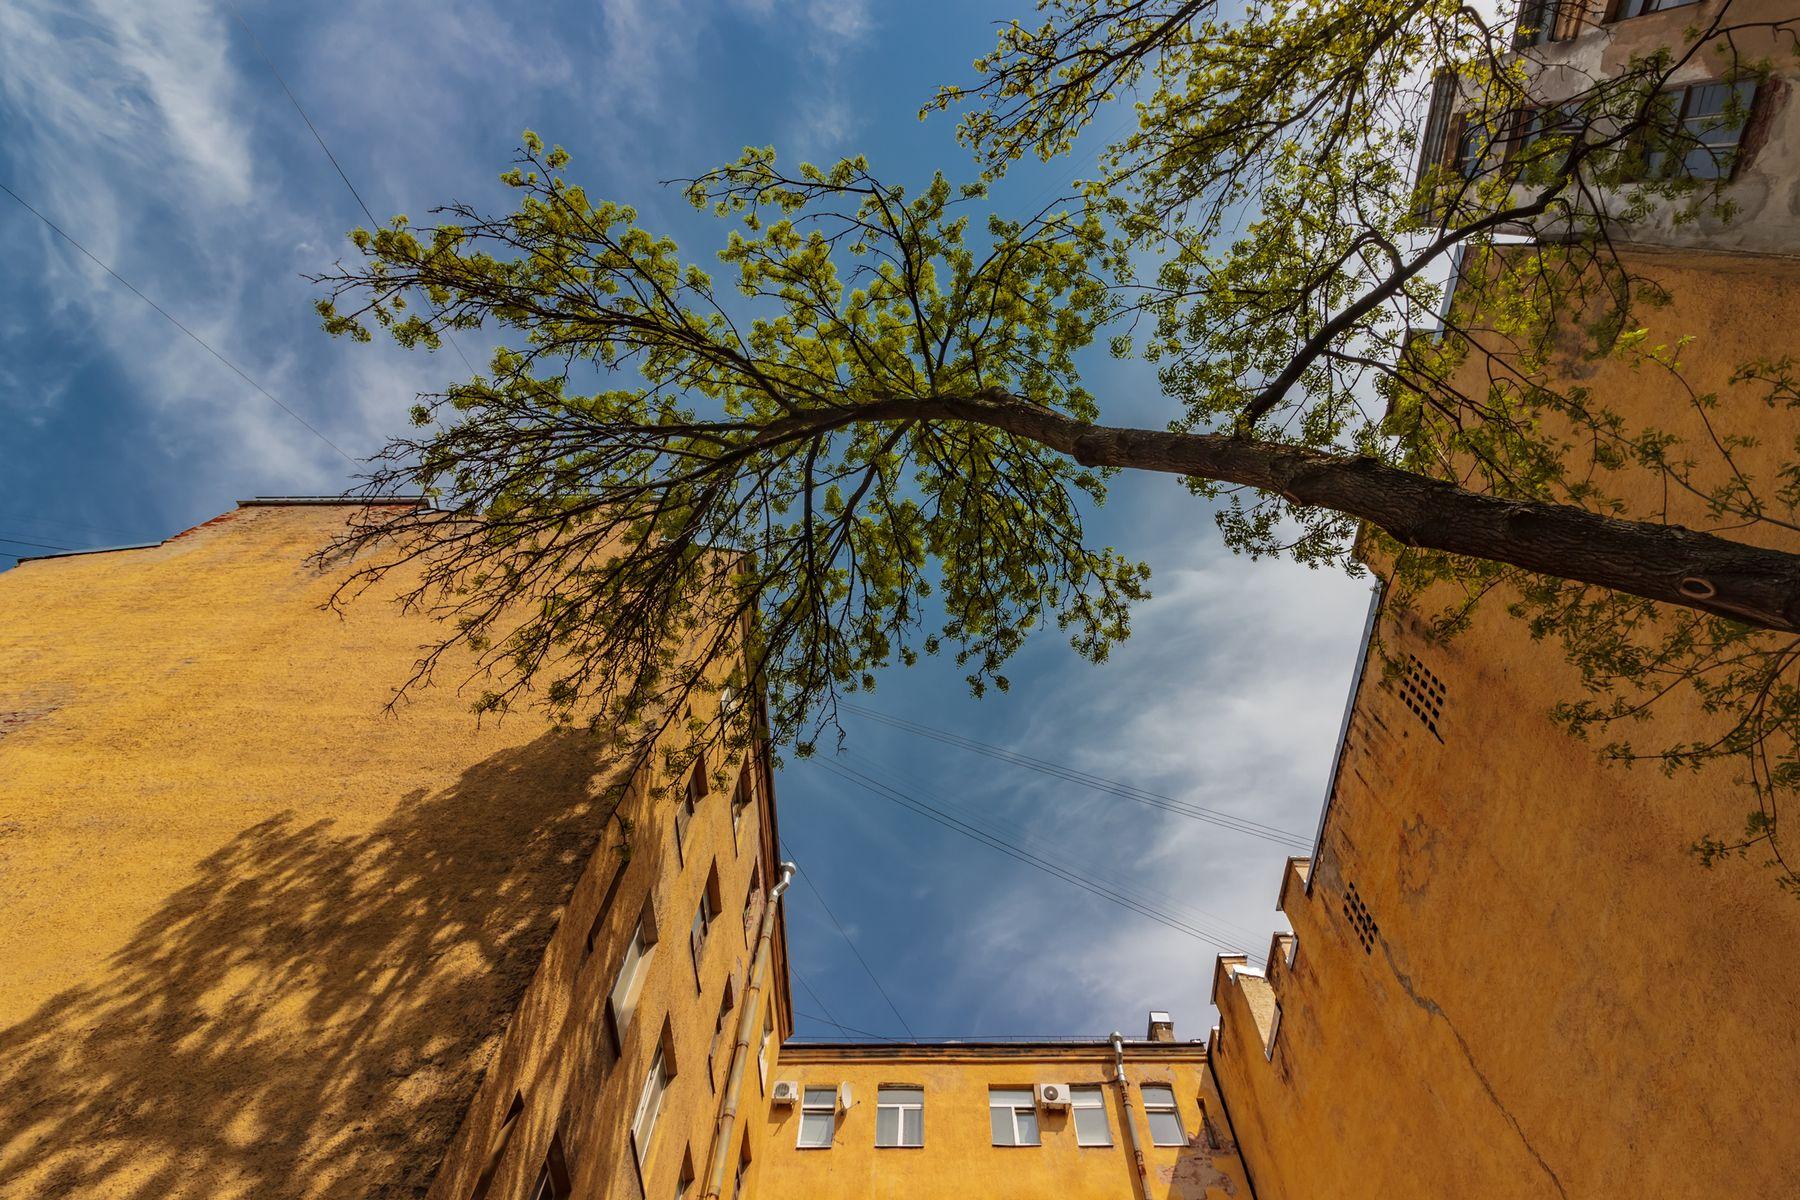 Жажда солнечного света и идеальной геометрии пространства Санкт-Петербург день стены дерево небо 10 миллиметров